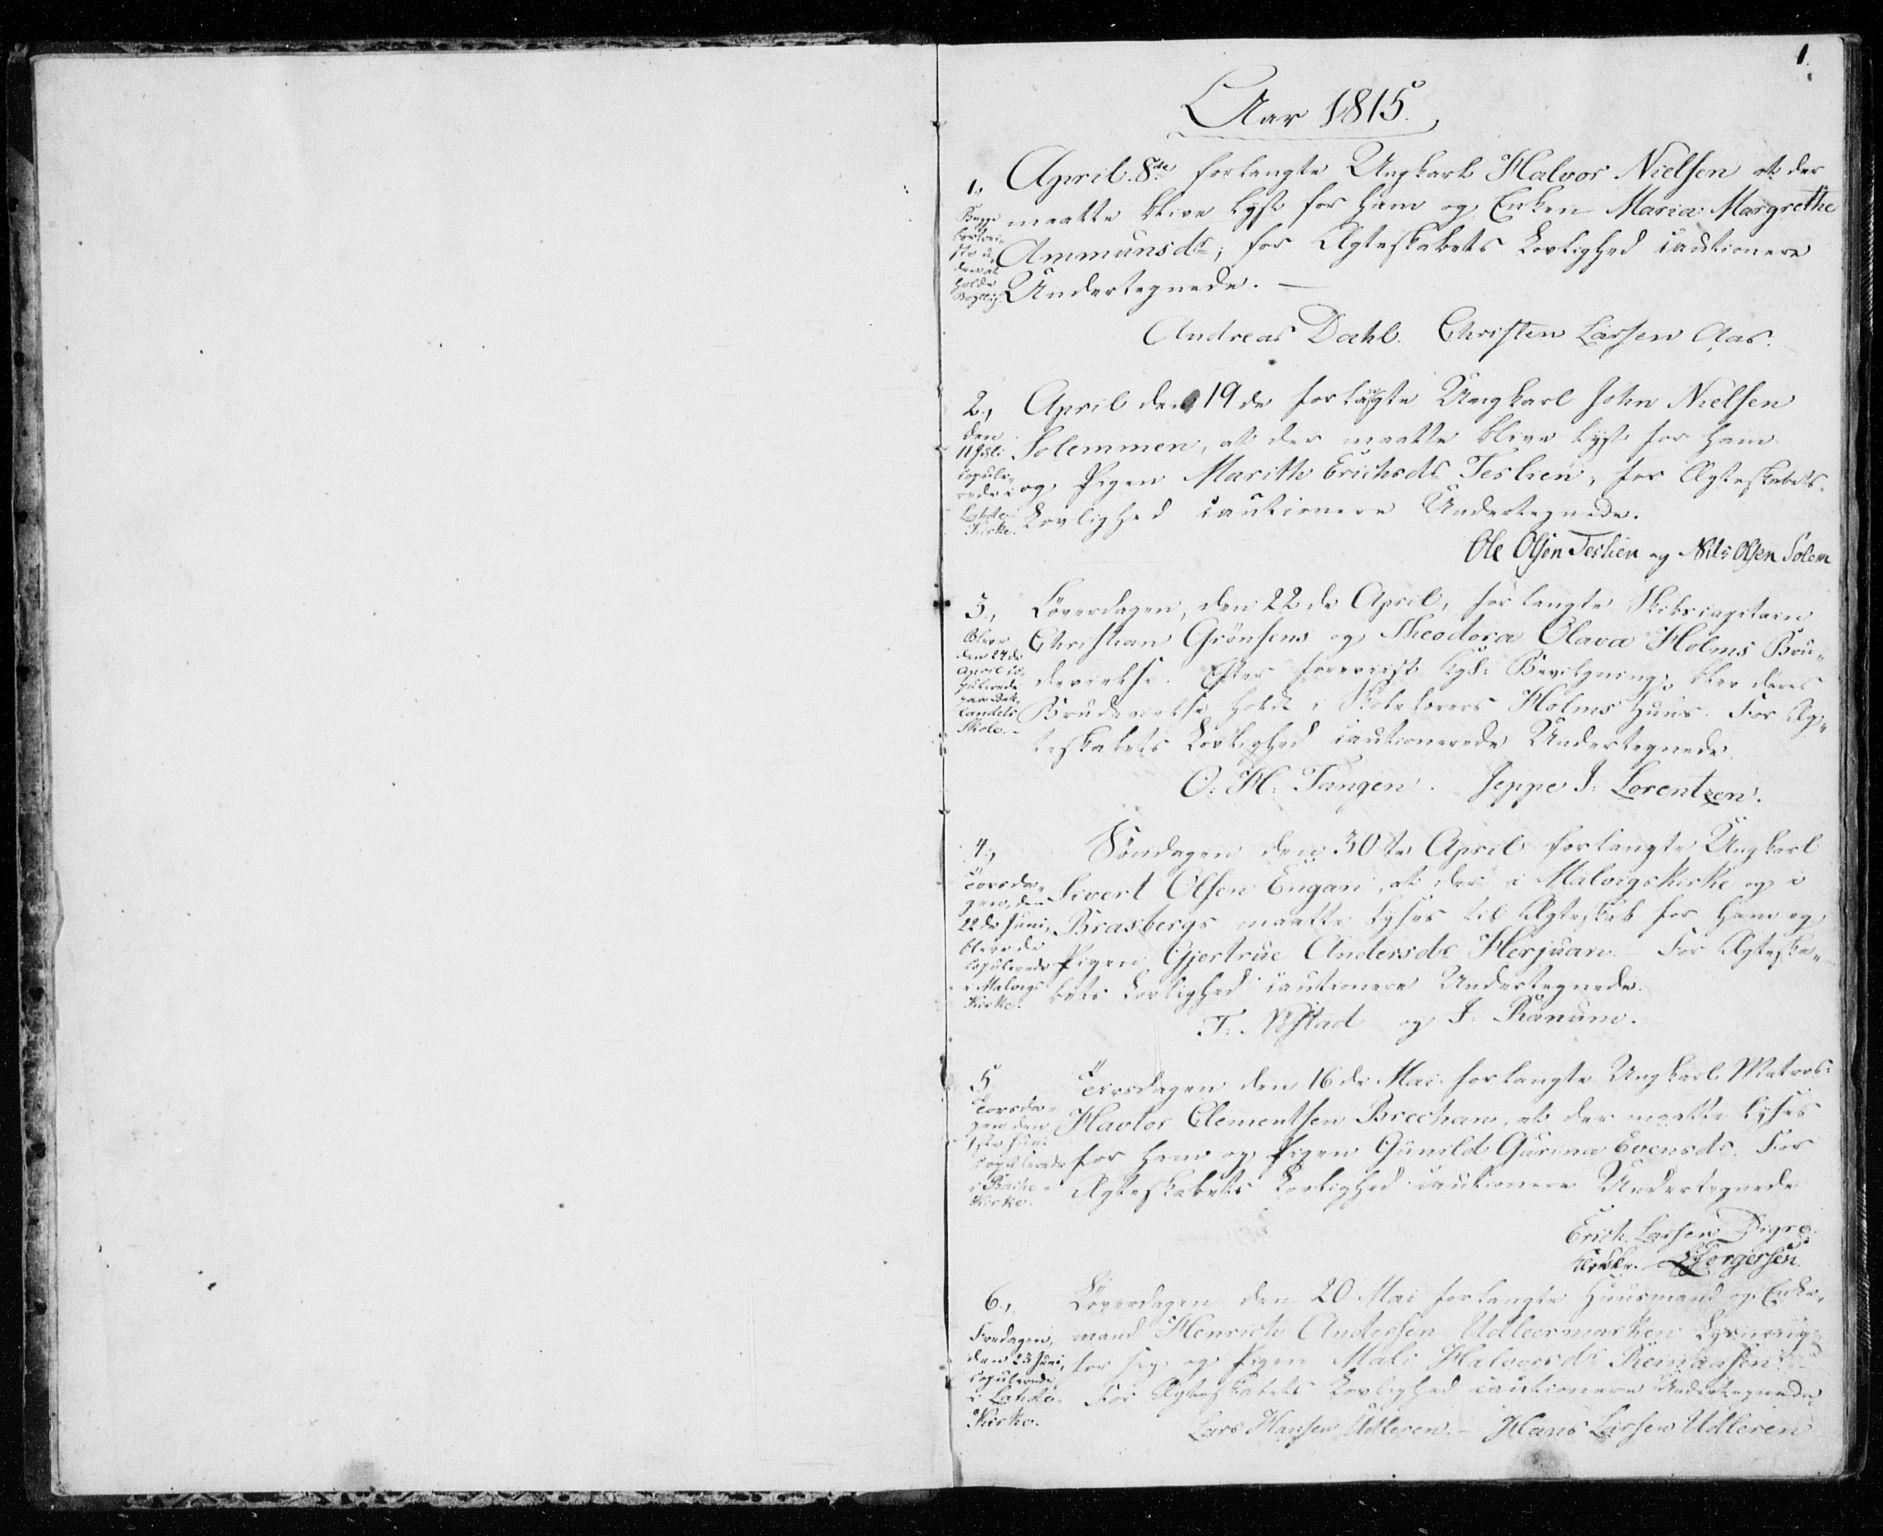 SAT, Ministerialprotokoller, klokkerbøker og fødselsregistre - Sør-Trøndelag, 606/L0295: Lysningsprotokoll nr. 606A10, 1815-1833, s. 0-1